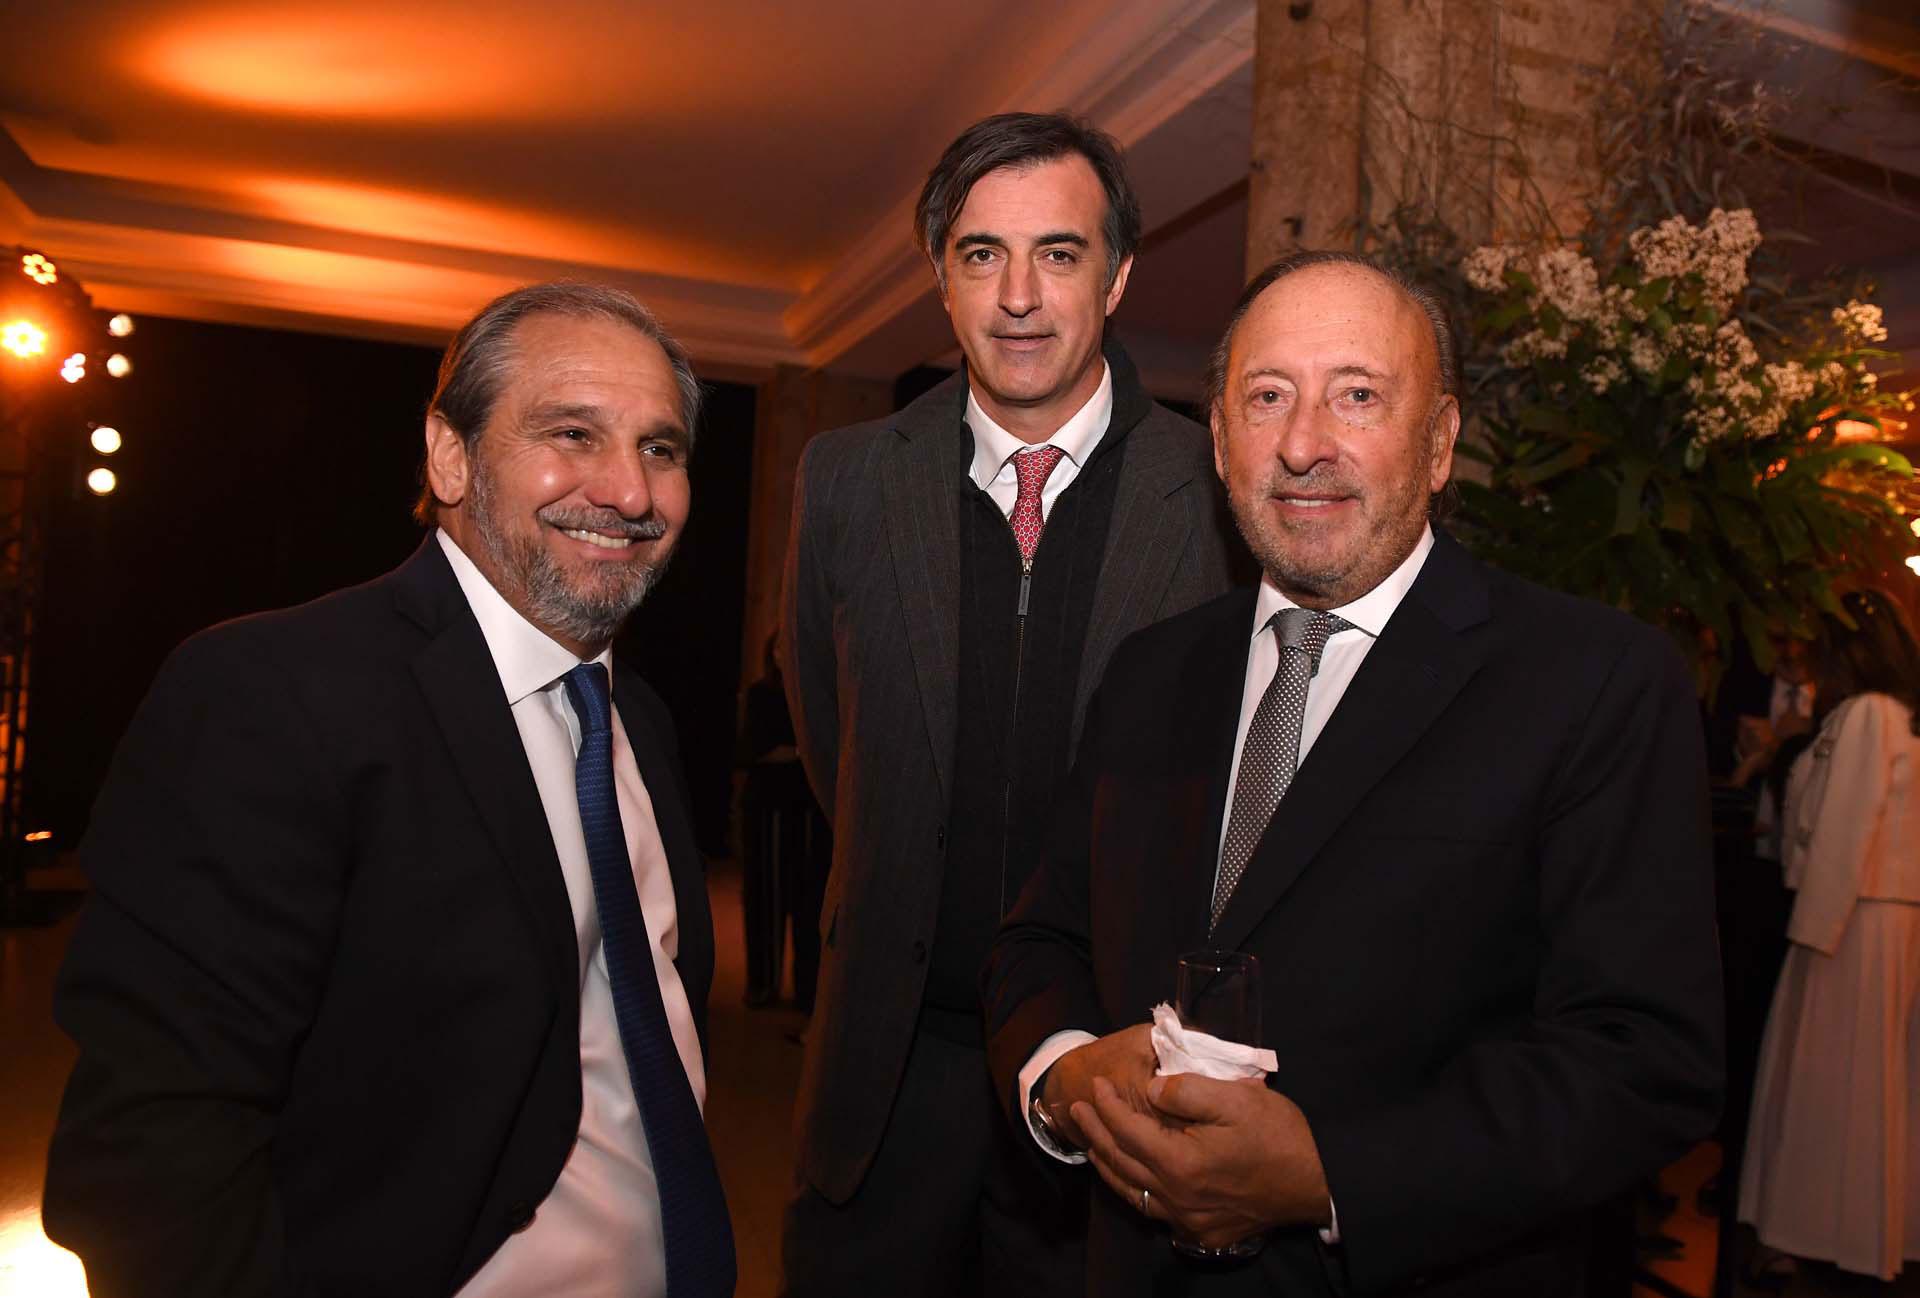 Nicolás Caputo, cónsul honorario en Singapur, junto al senador Esteban Bullrich y al empresario Mauricio Filiberti (Transclor)